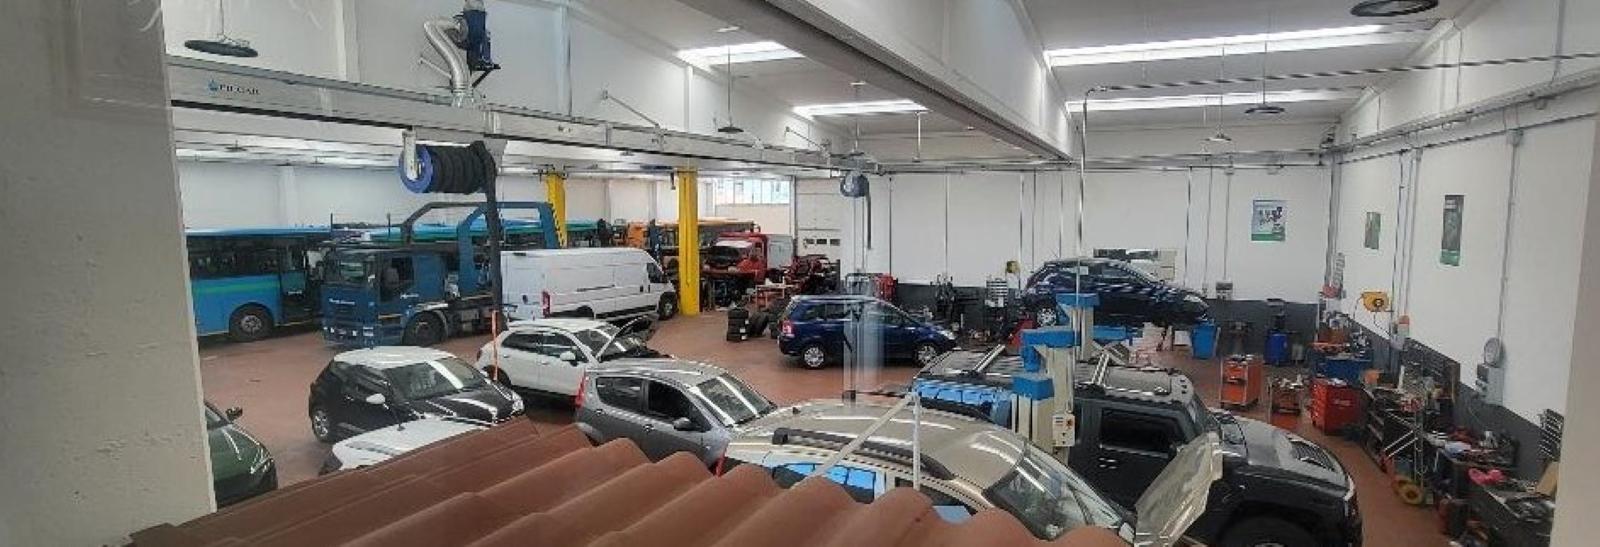 Parcheggio ingresso AutoElettroService